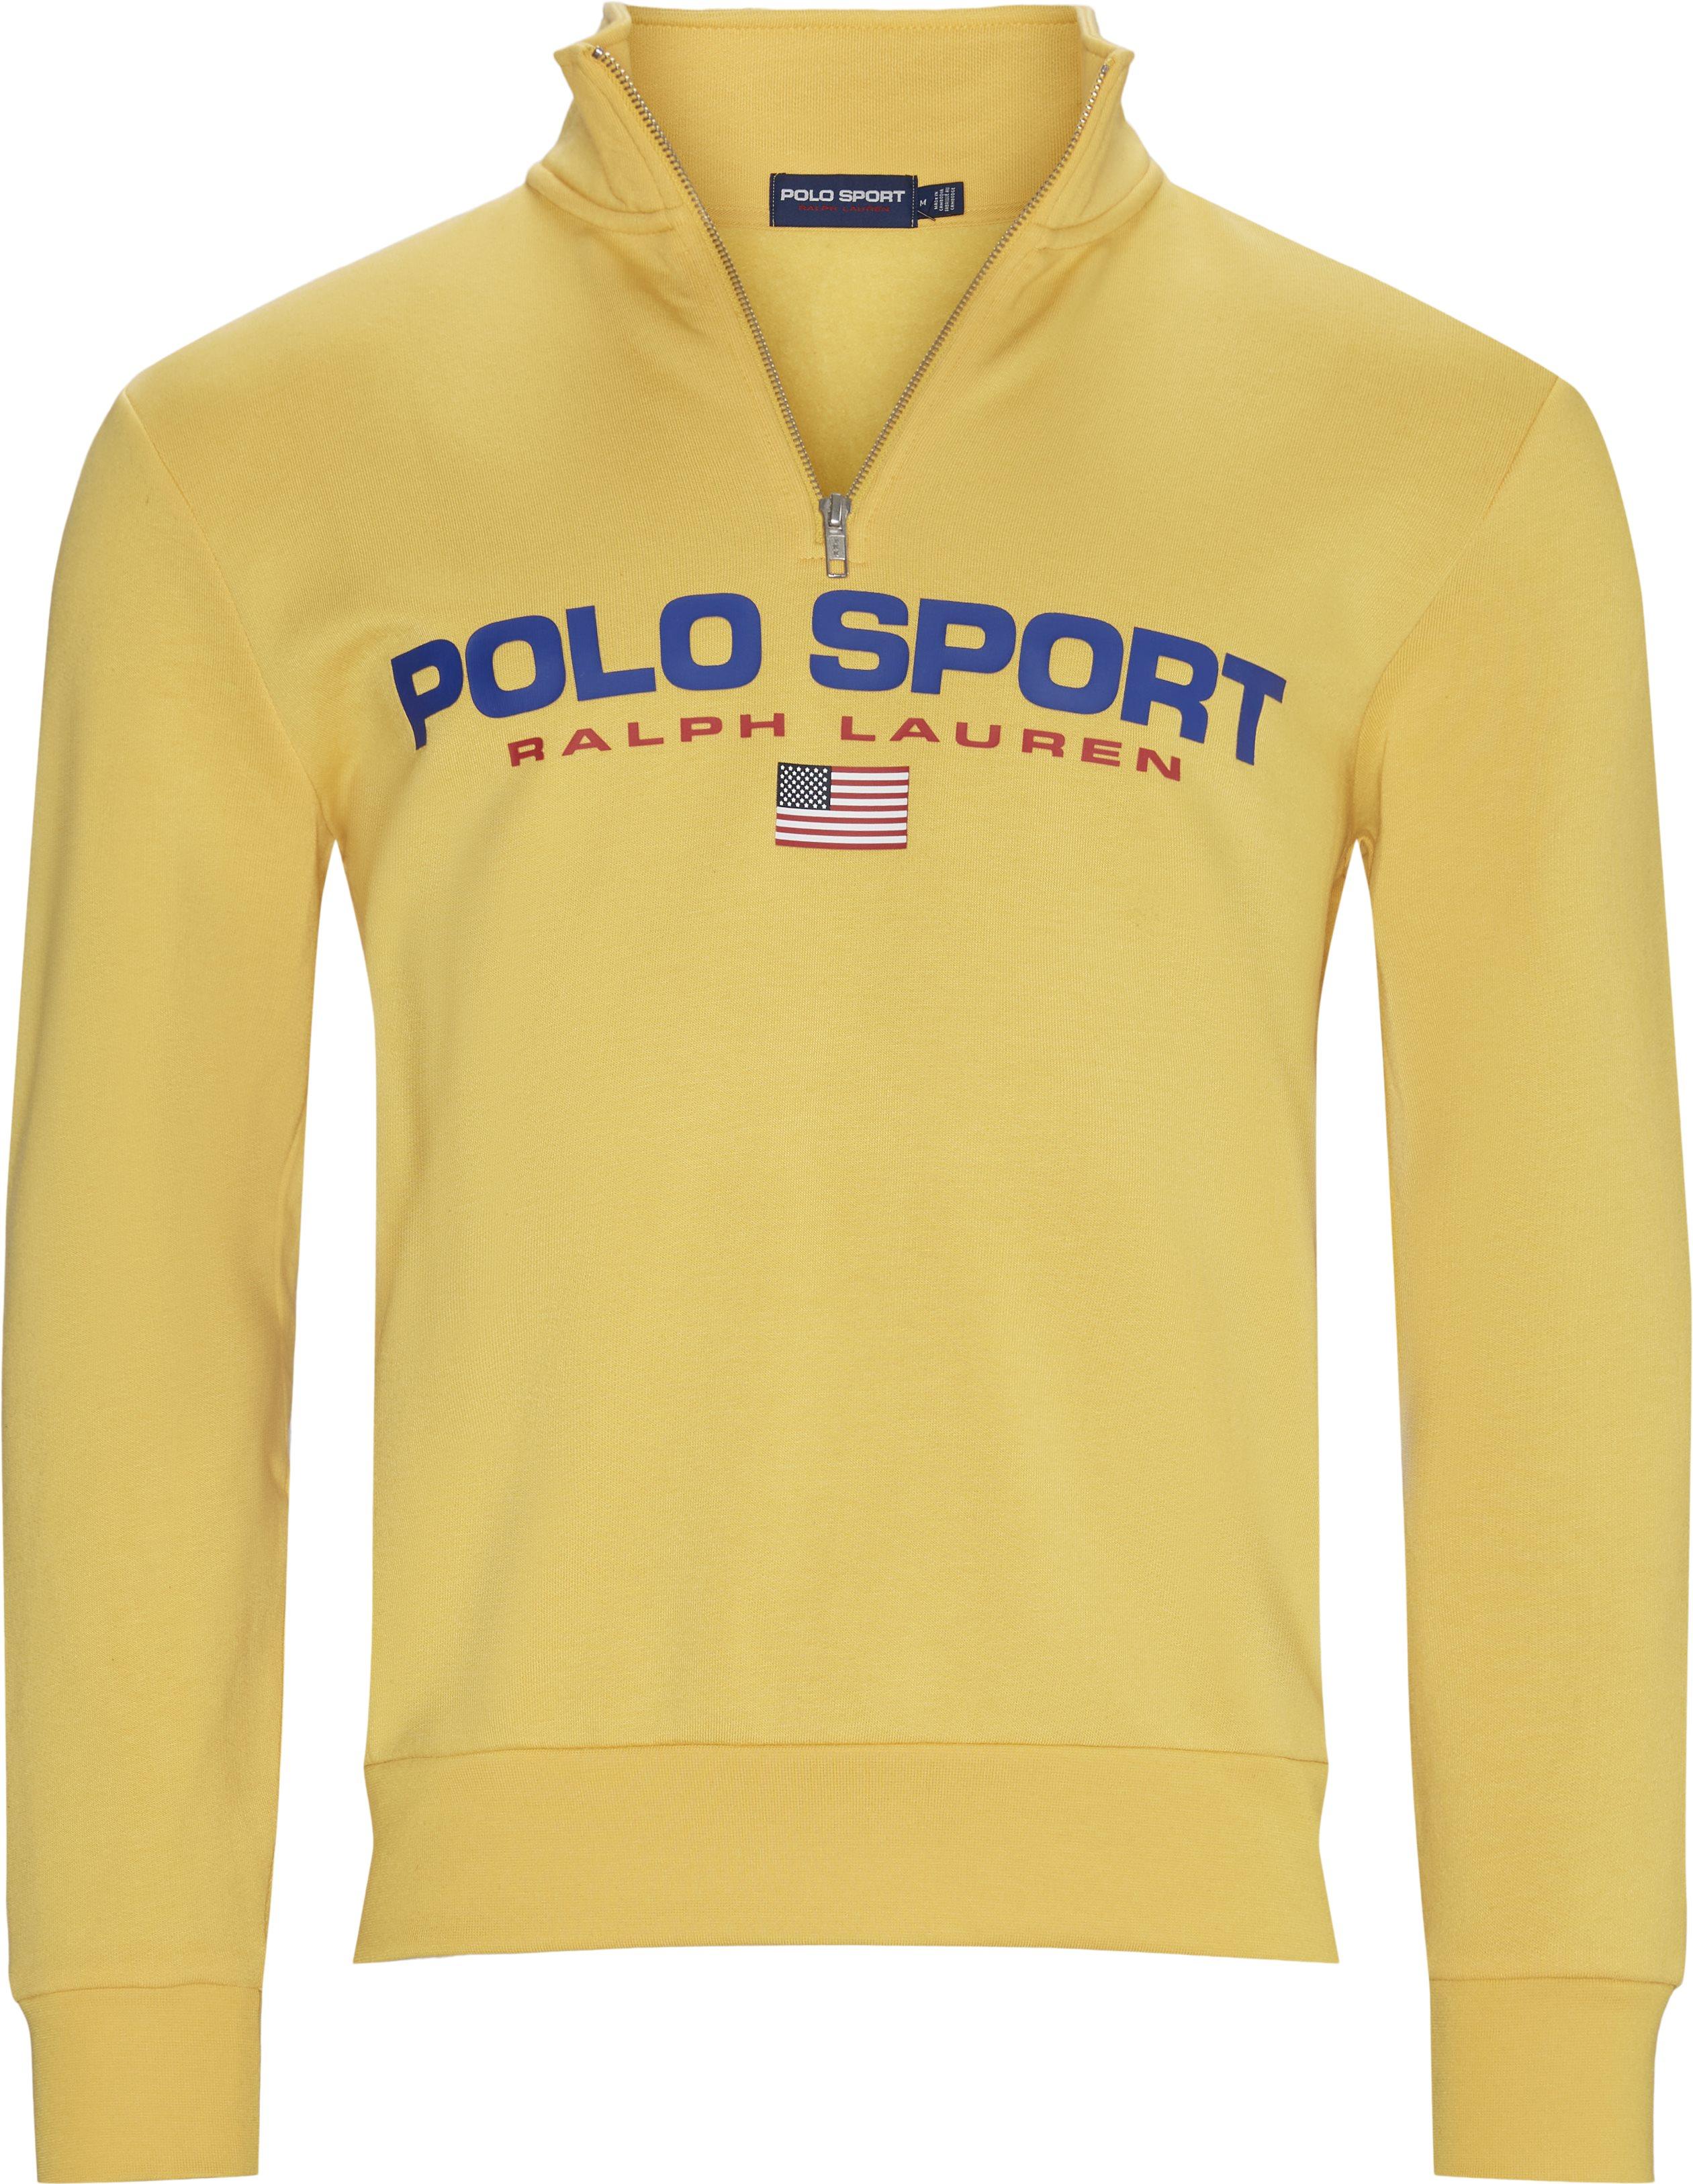 Polo Sport Half-Zip Sweatshirt - Sweatshirts - Regular - Yellow